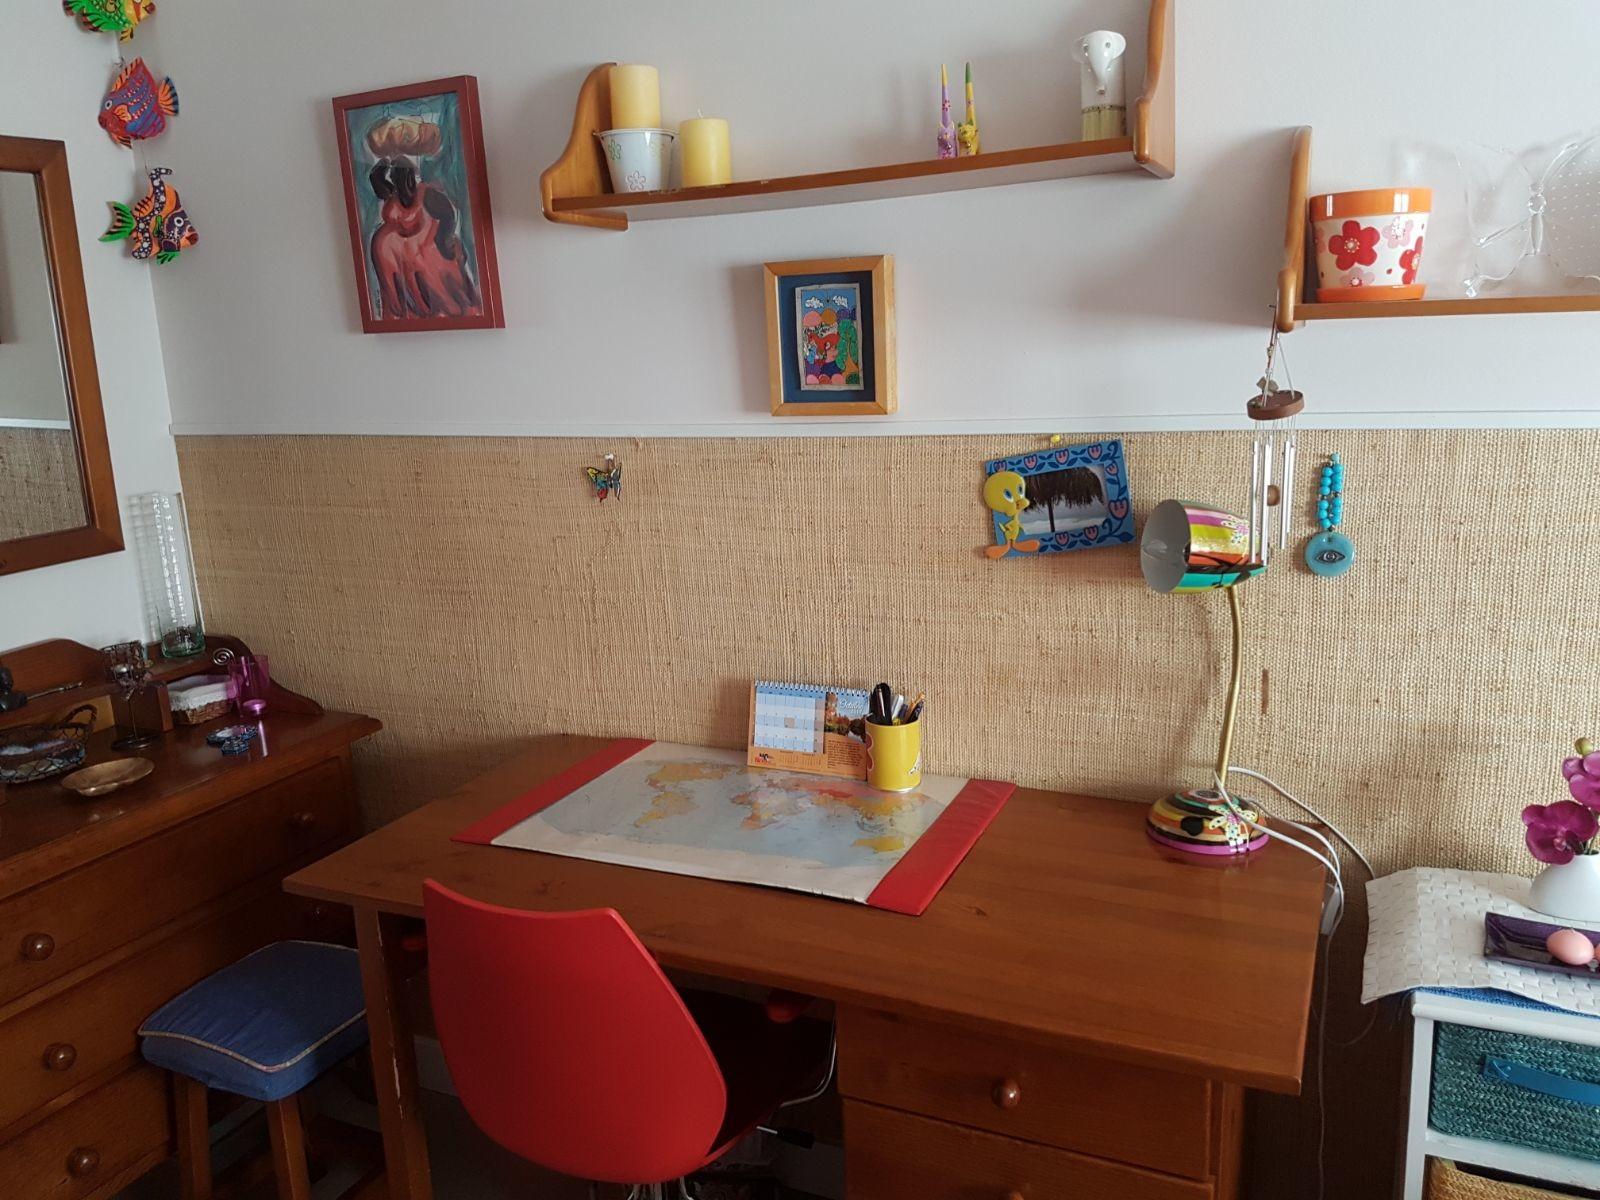 Room For Rent In 2 Bedroom Apartment In Granada